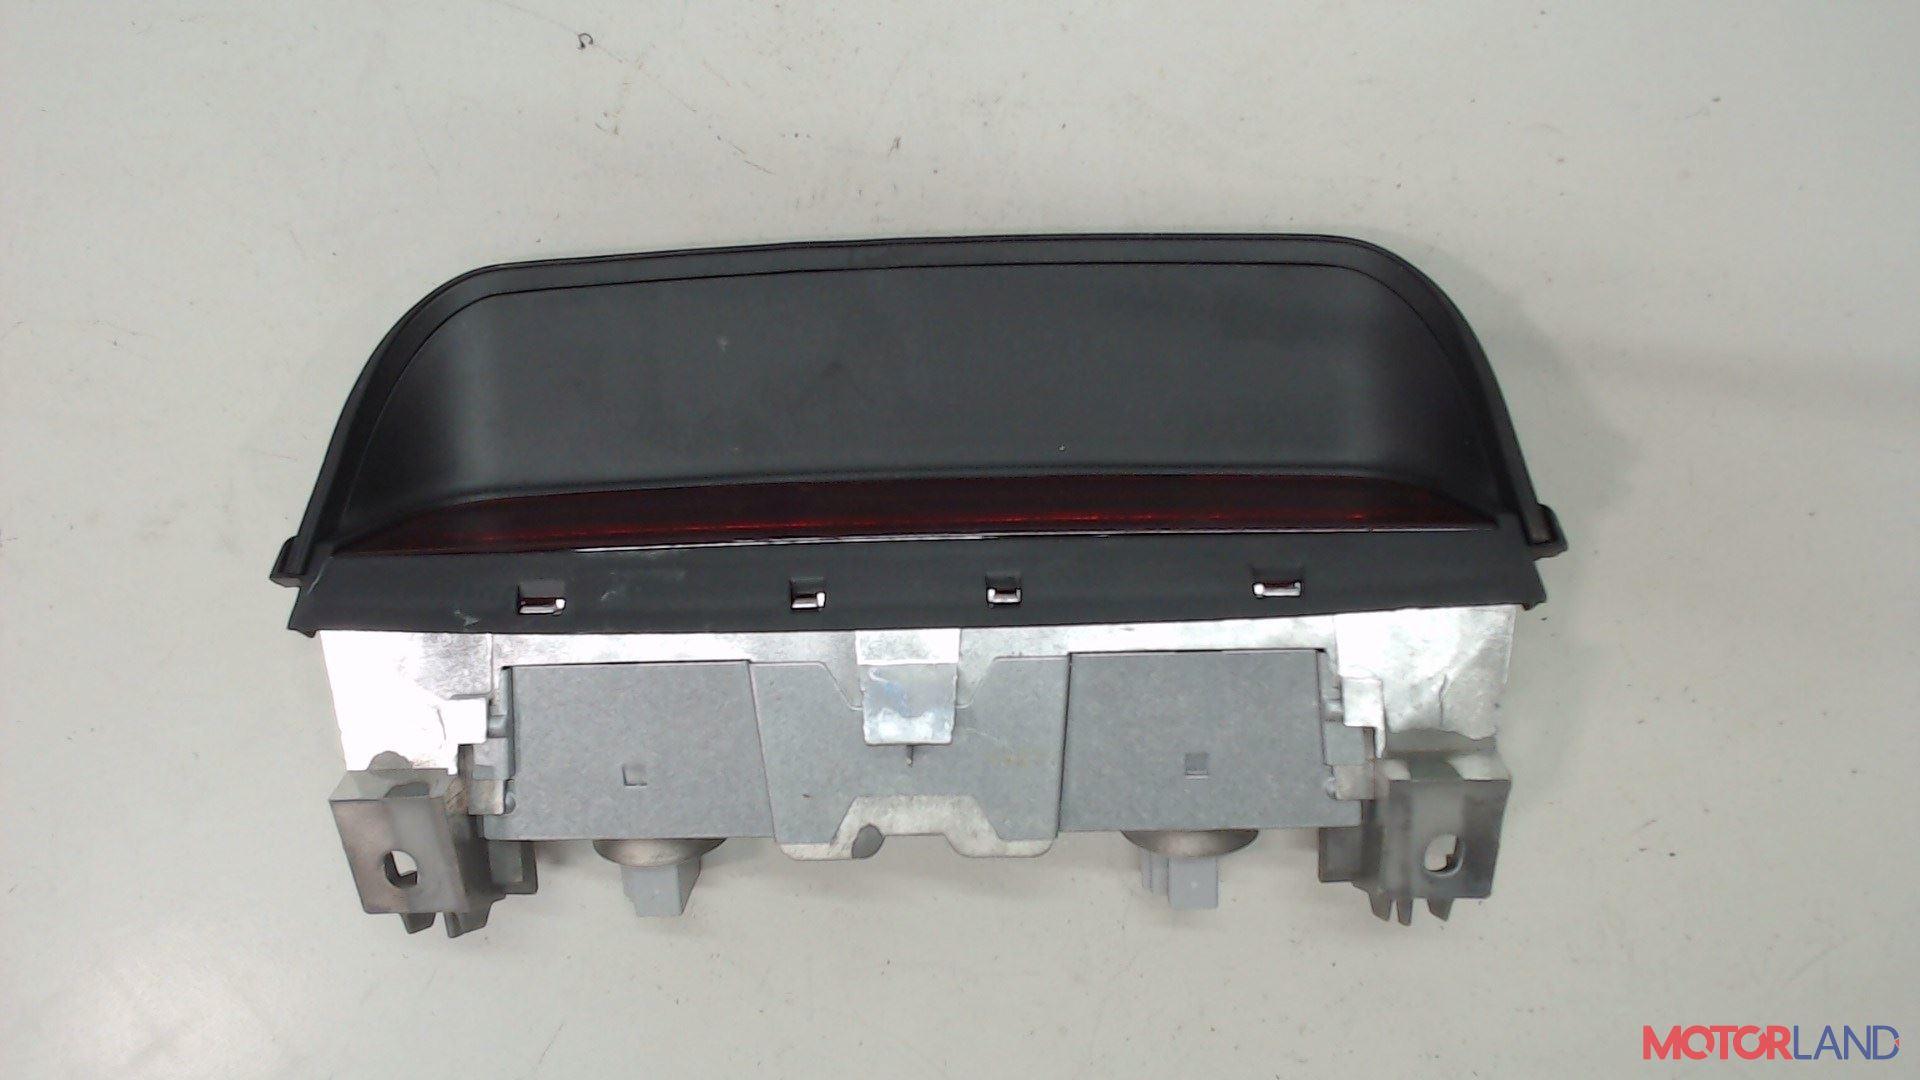 Фонарь дополнительный (стоп-сигнал) Acura MDX 2001-2006, Артикул 5443162 #1